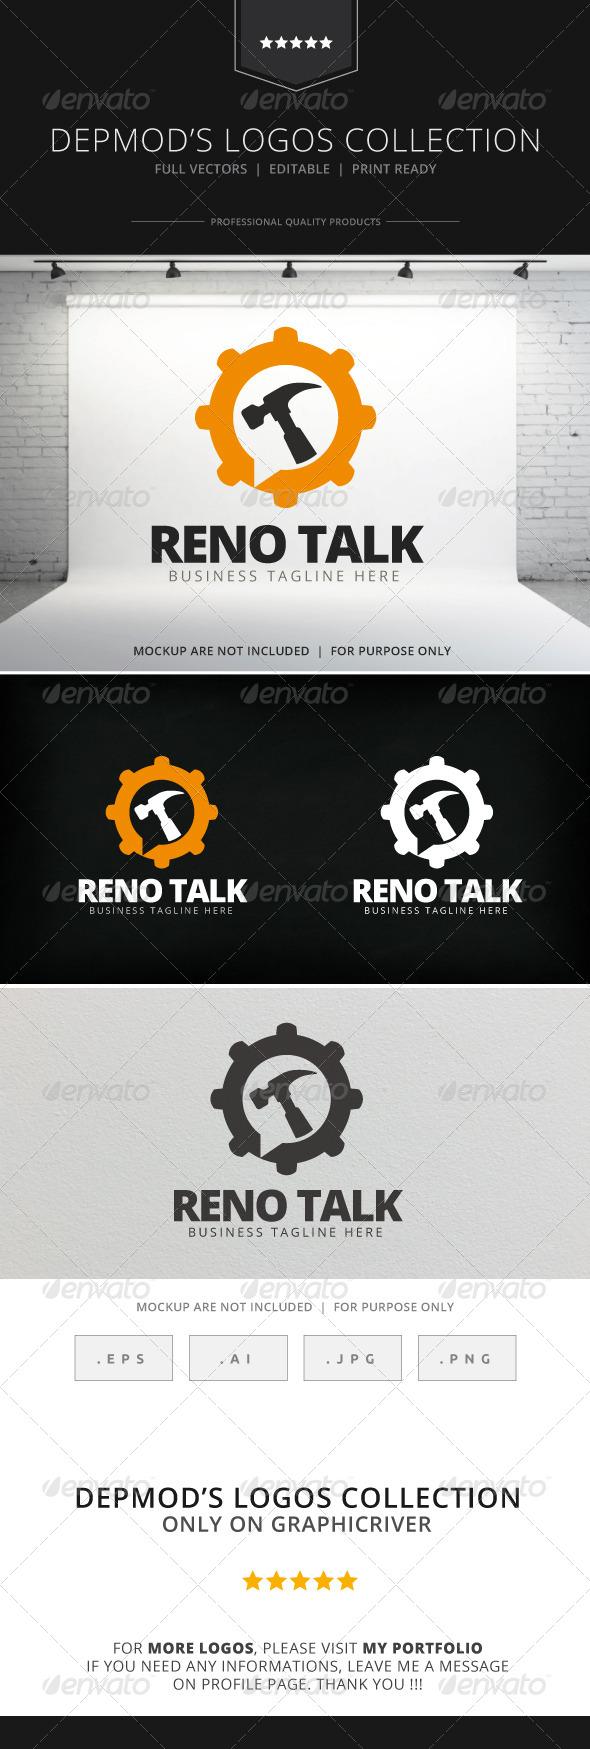 GraphicRiver Reno Talk Logo 7757485